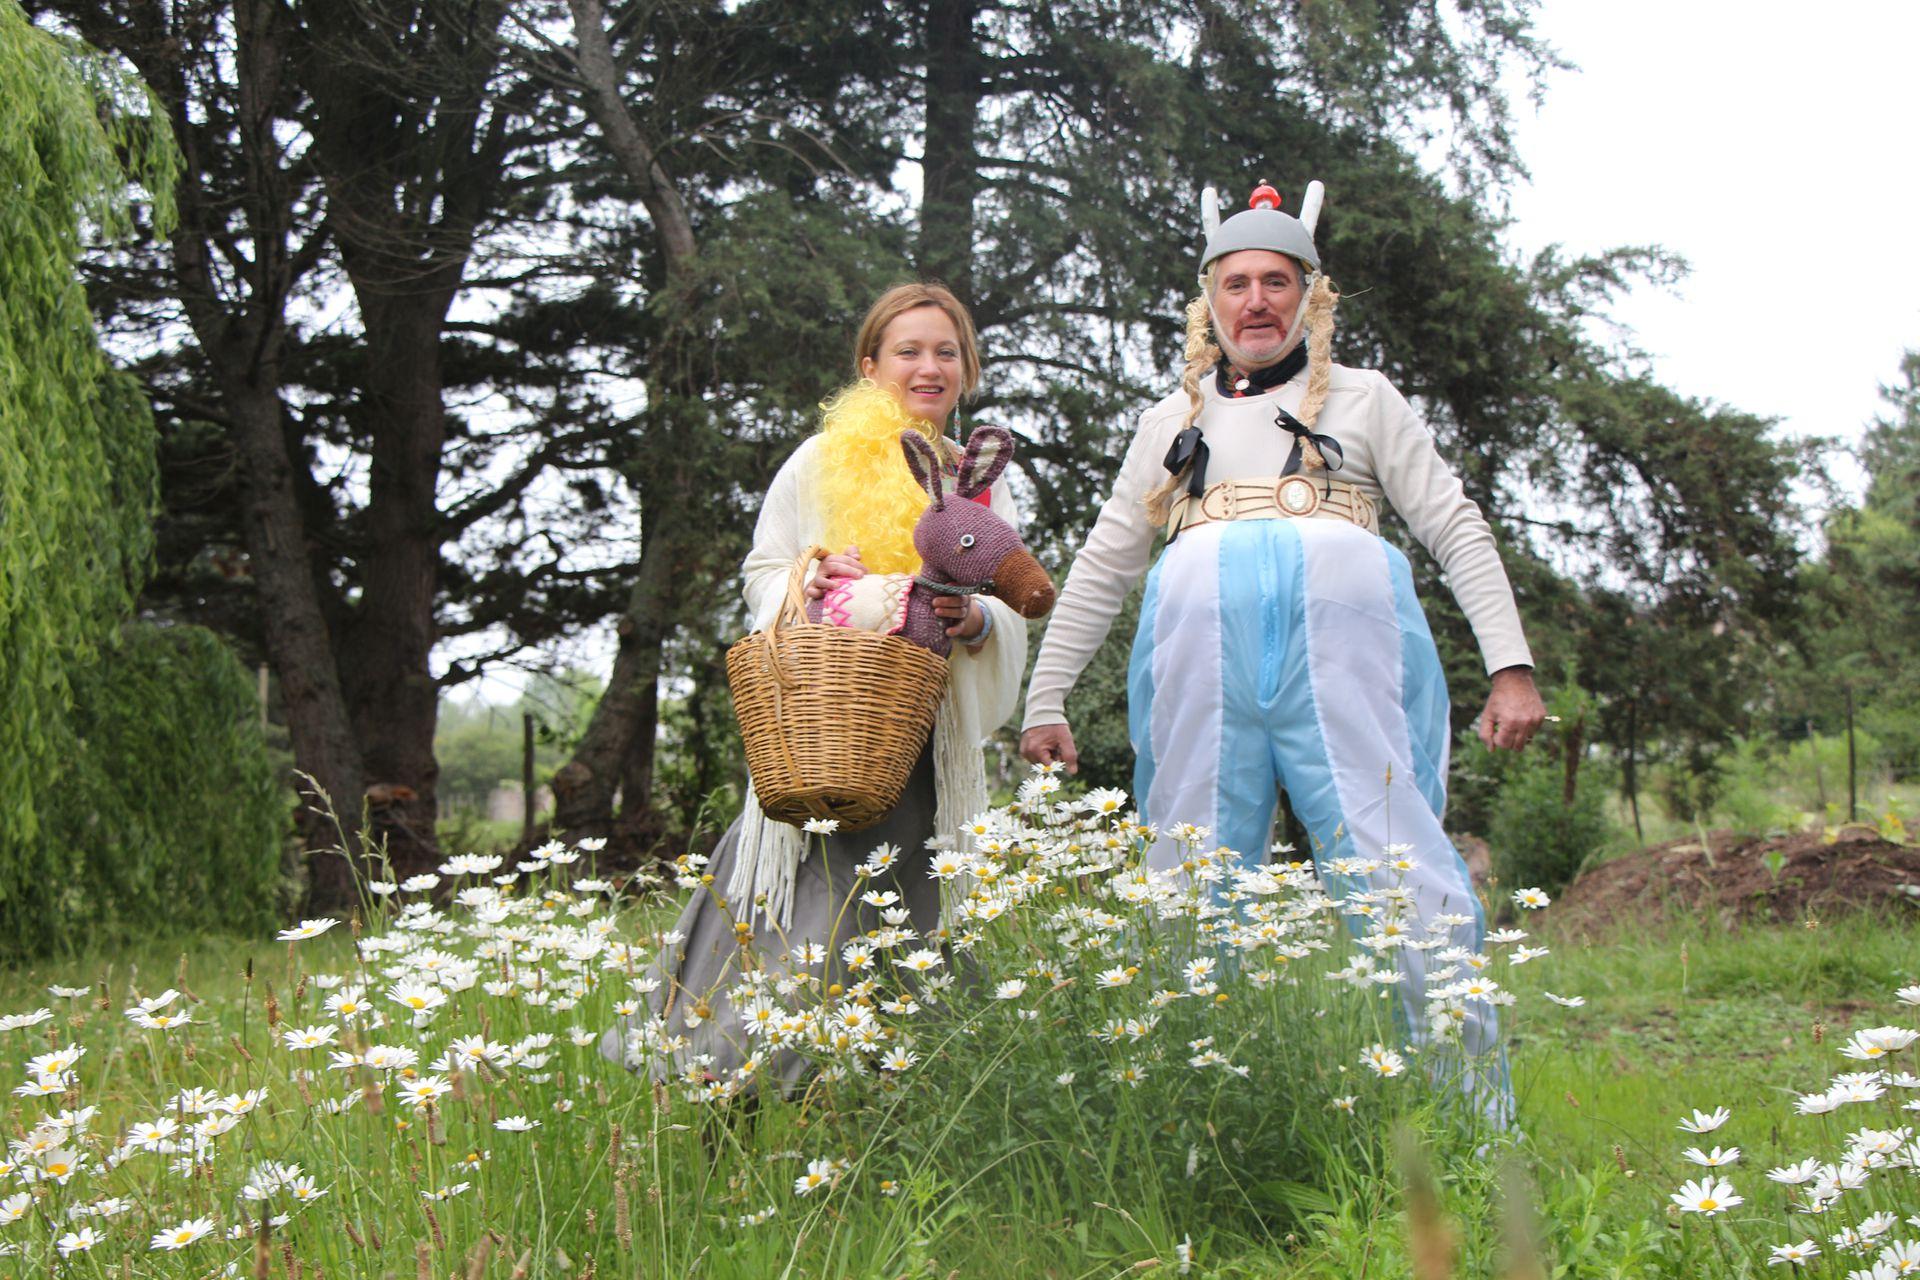 Para un carnaval se disfrazaron de Obélix y Falbalá, recreando la historieta francesa Astérix.